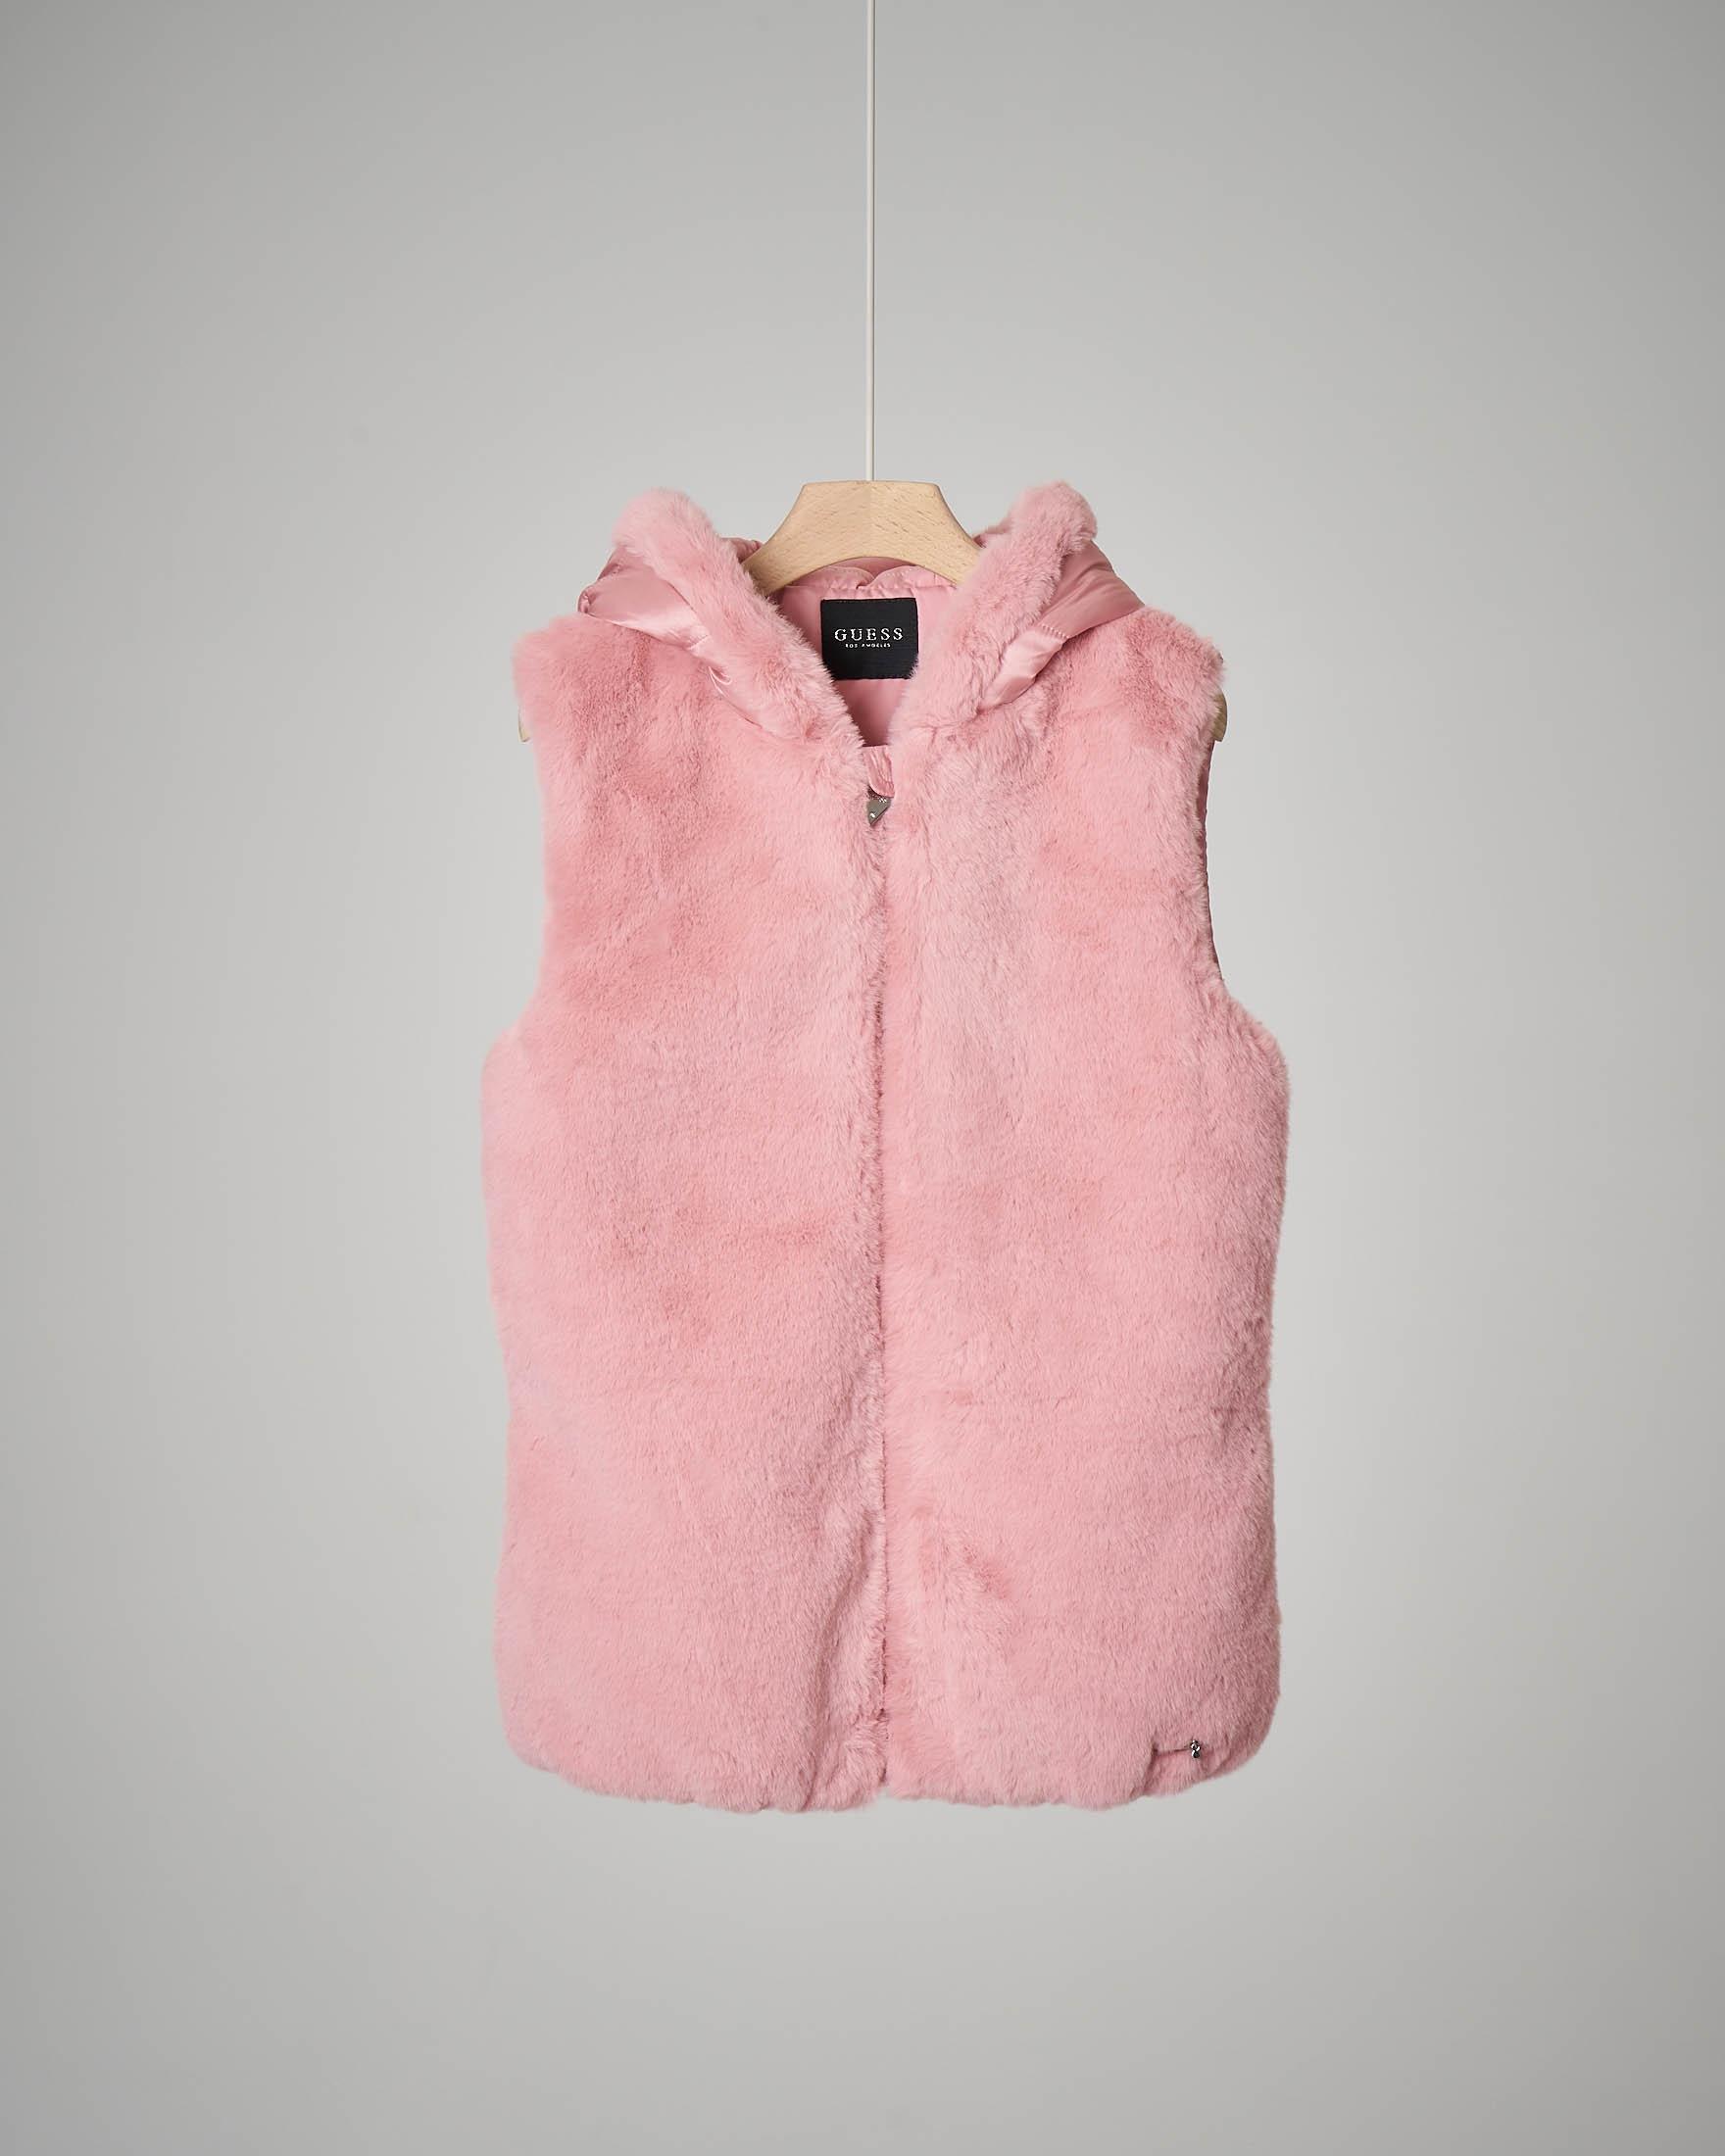 Giaccone rosa senza maniche